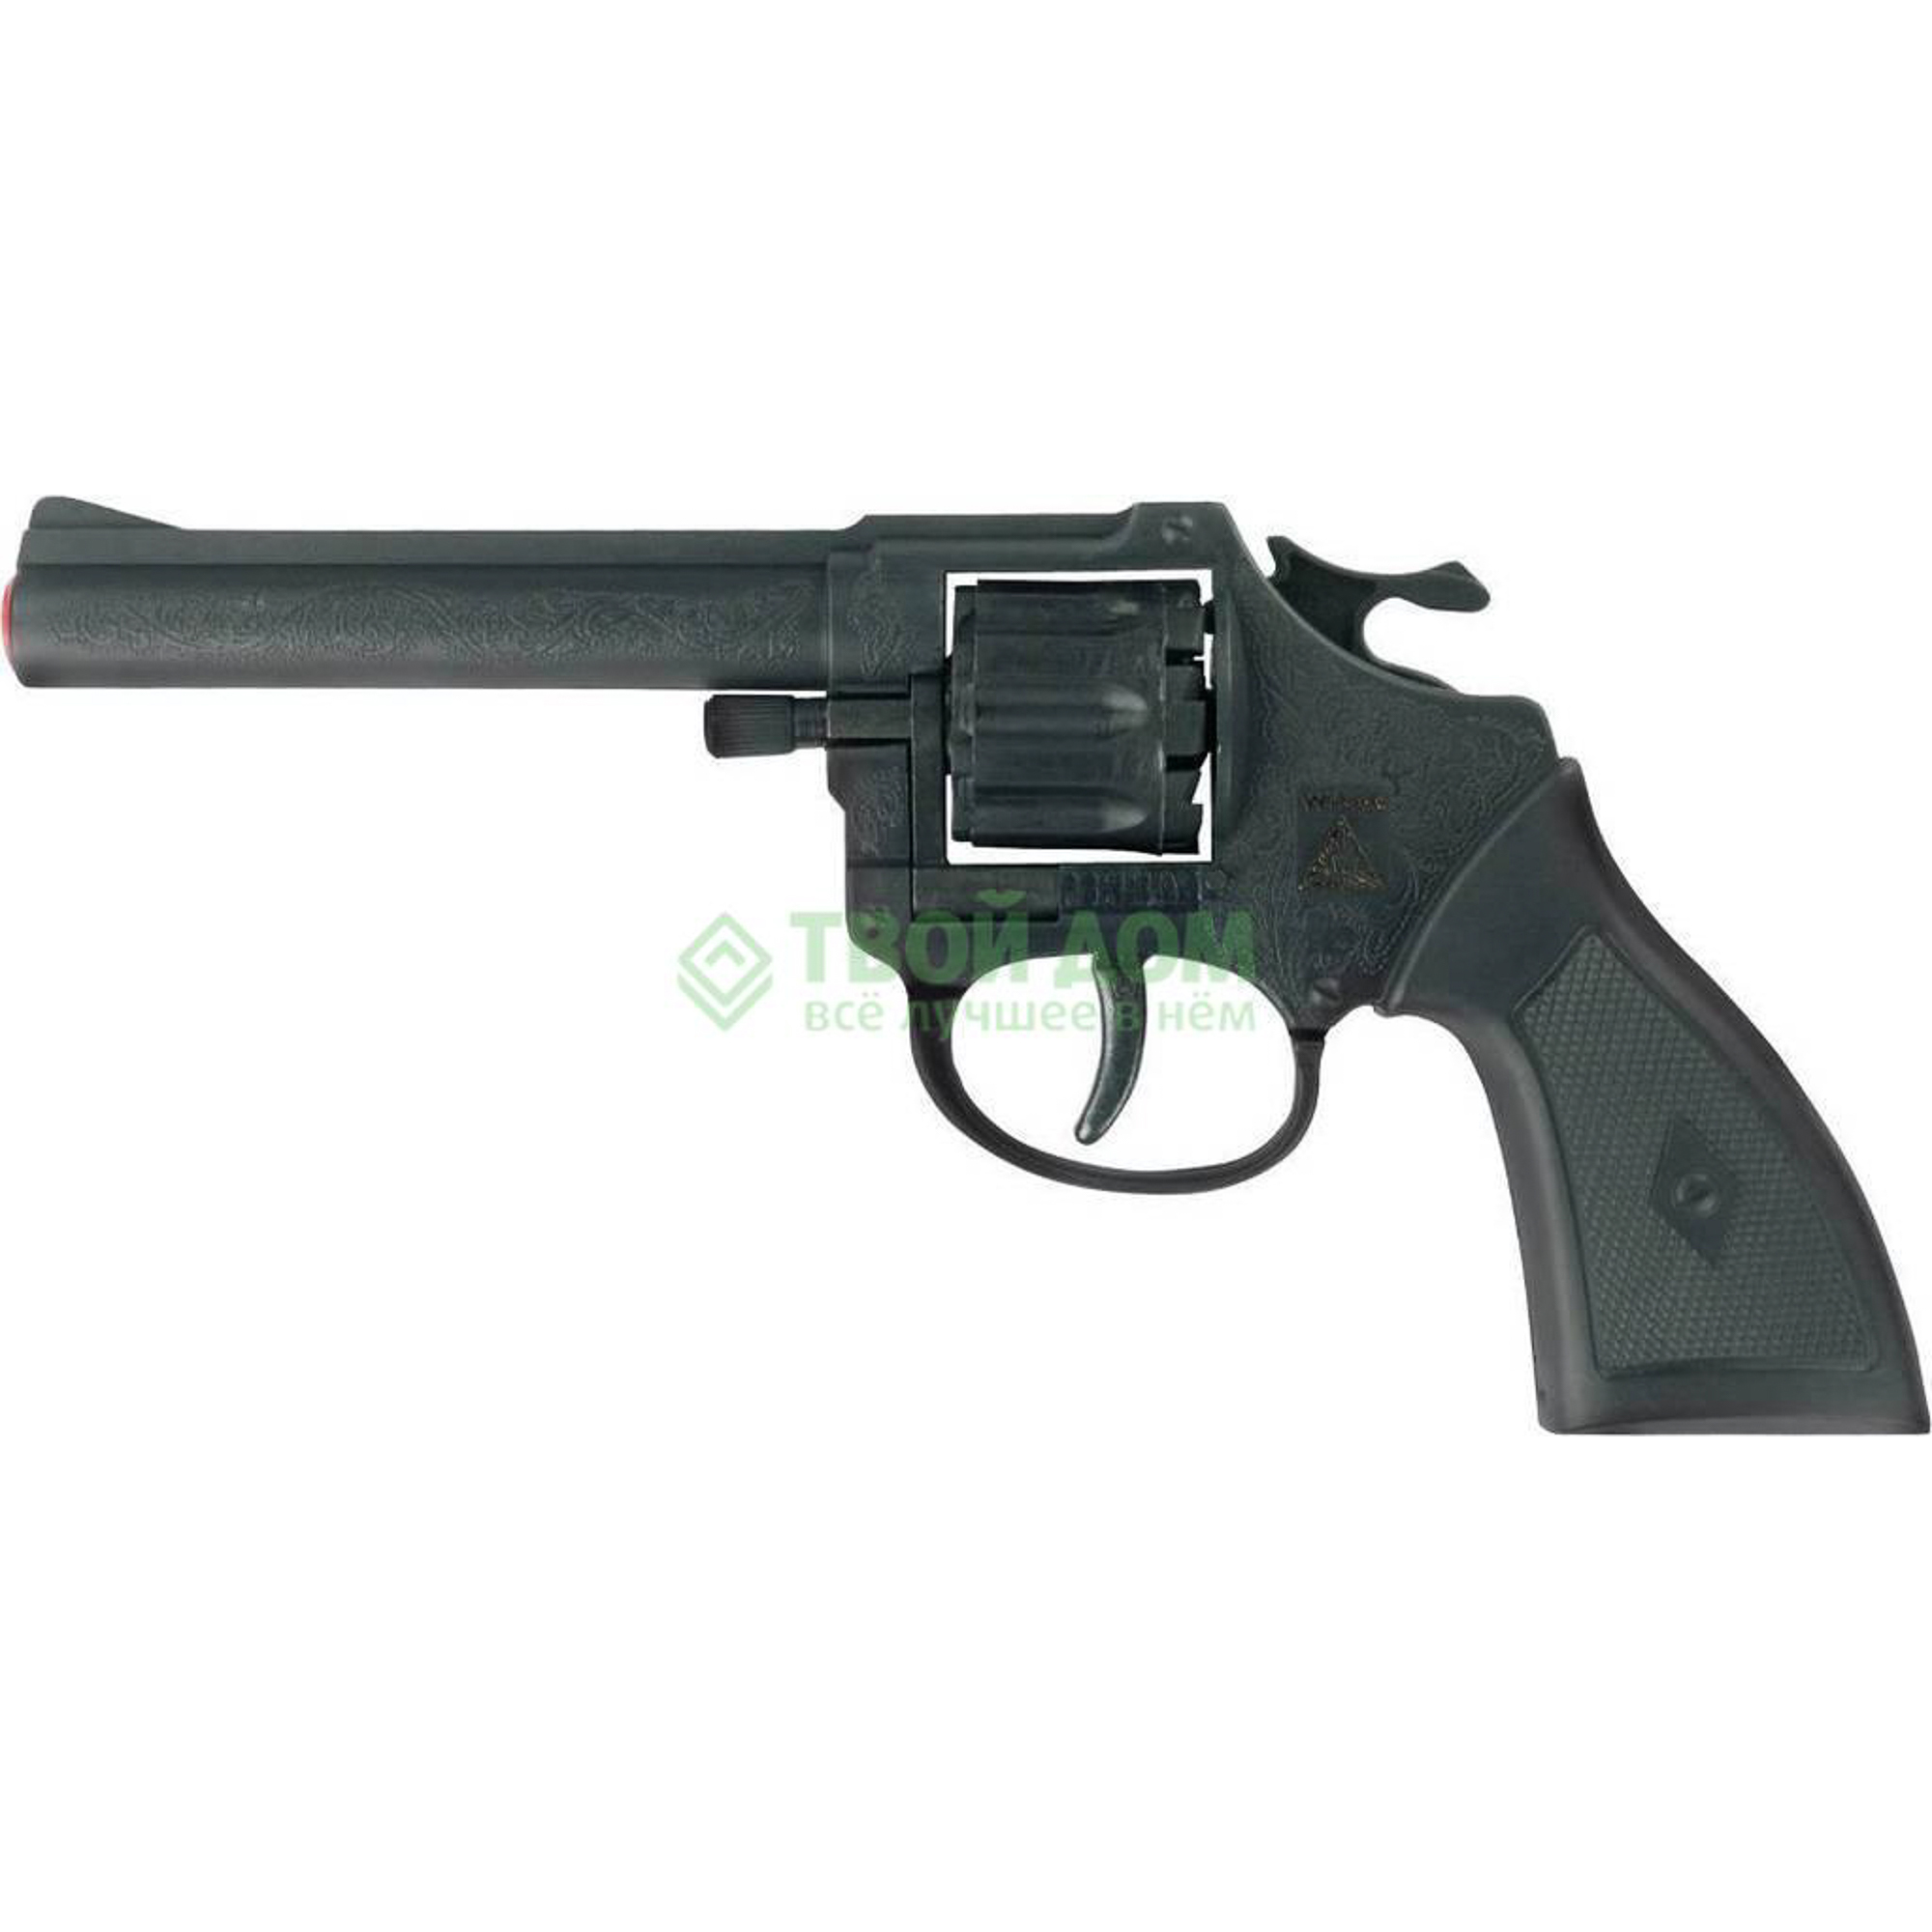 Пистолет Sohni-Wicke 0432 Jerry фото